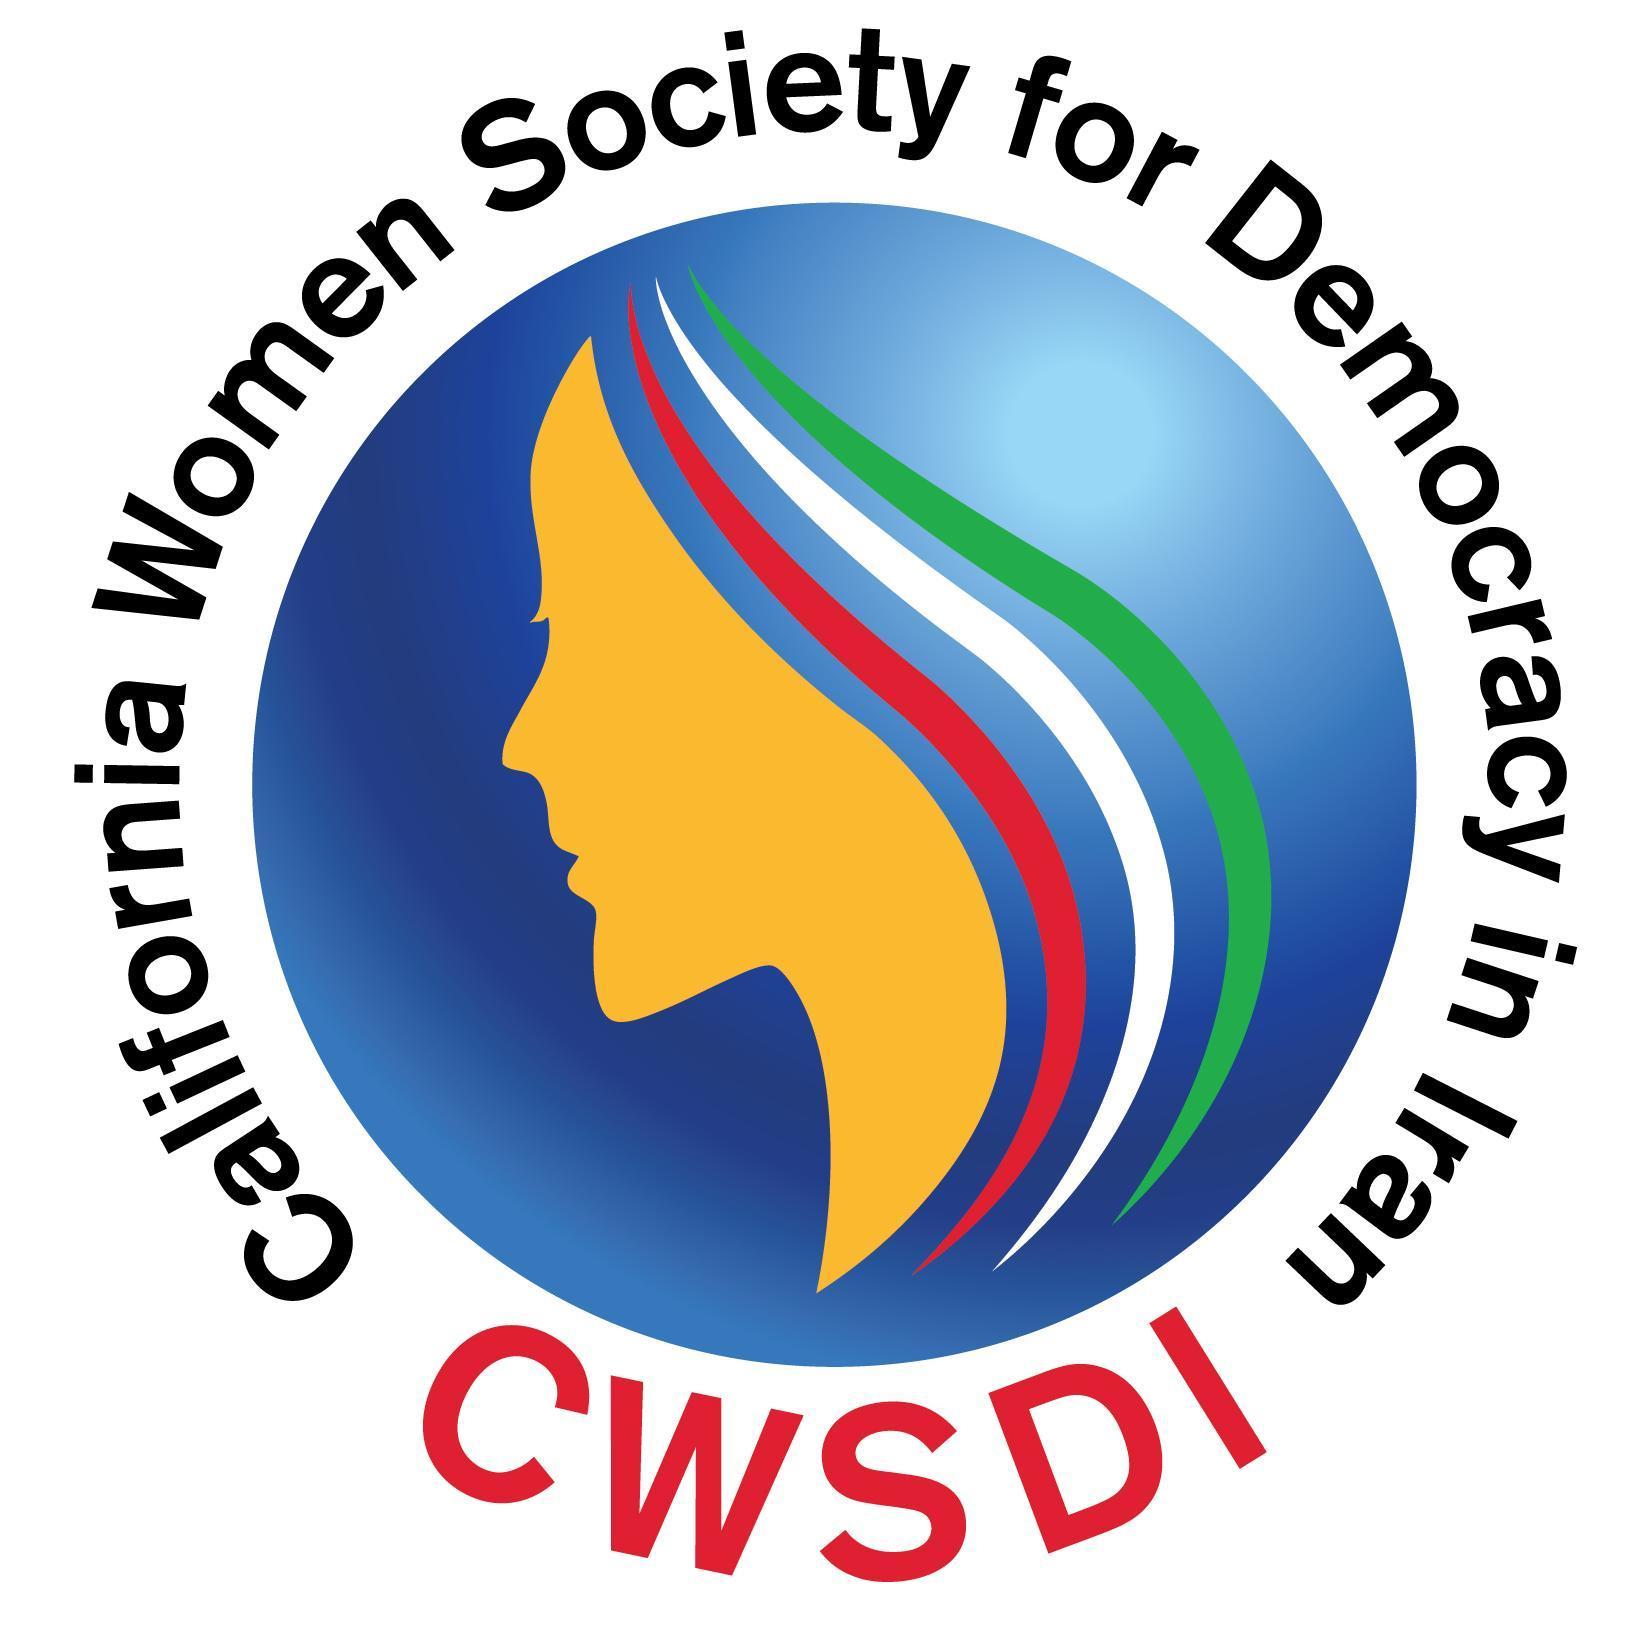 CWSDI